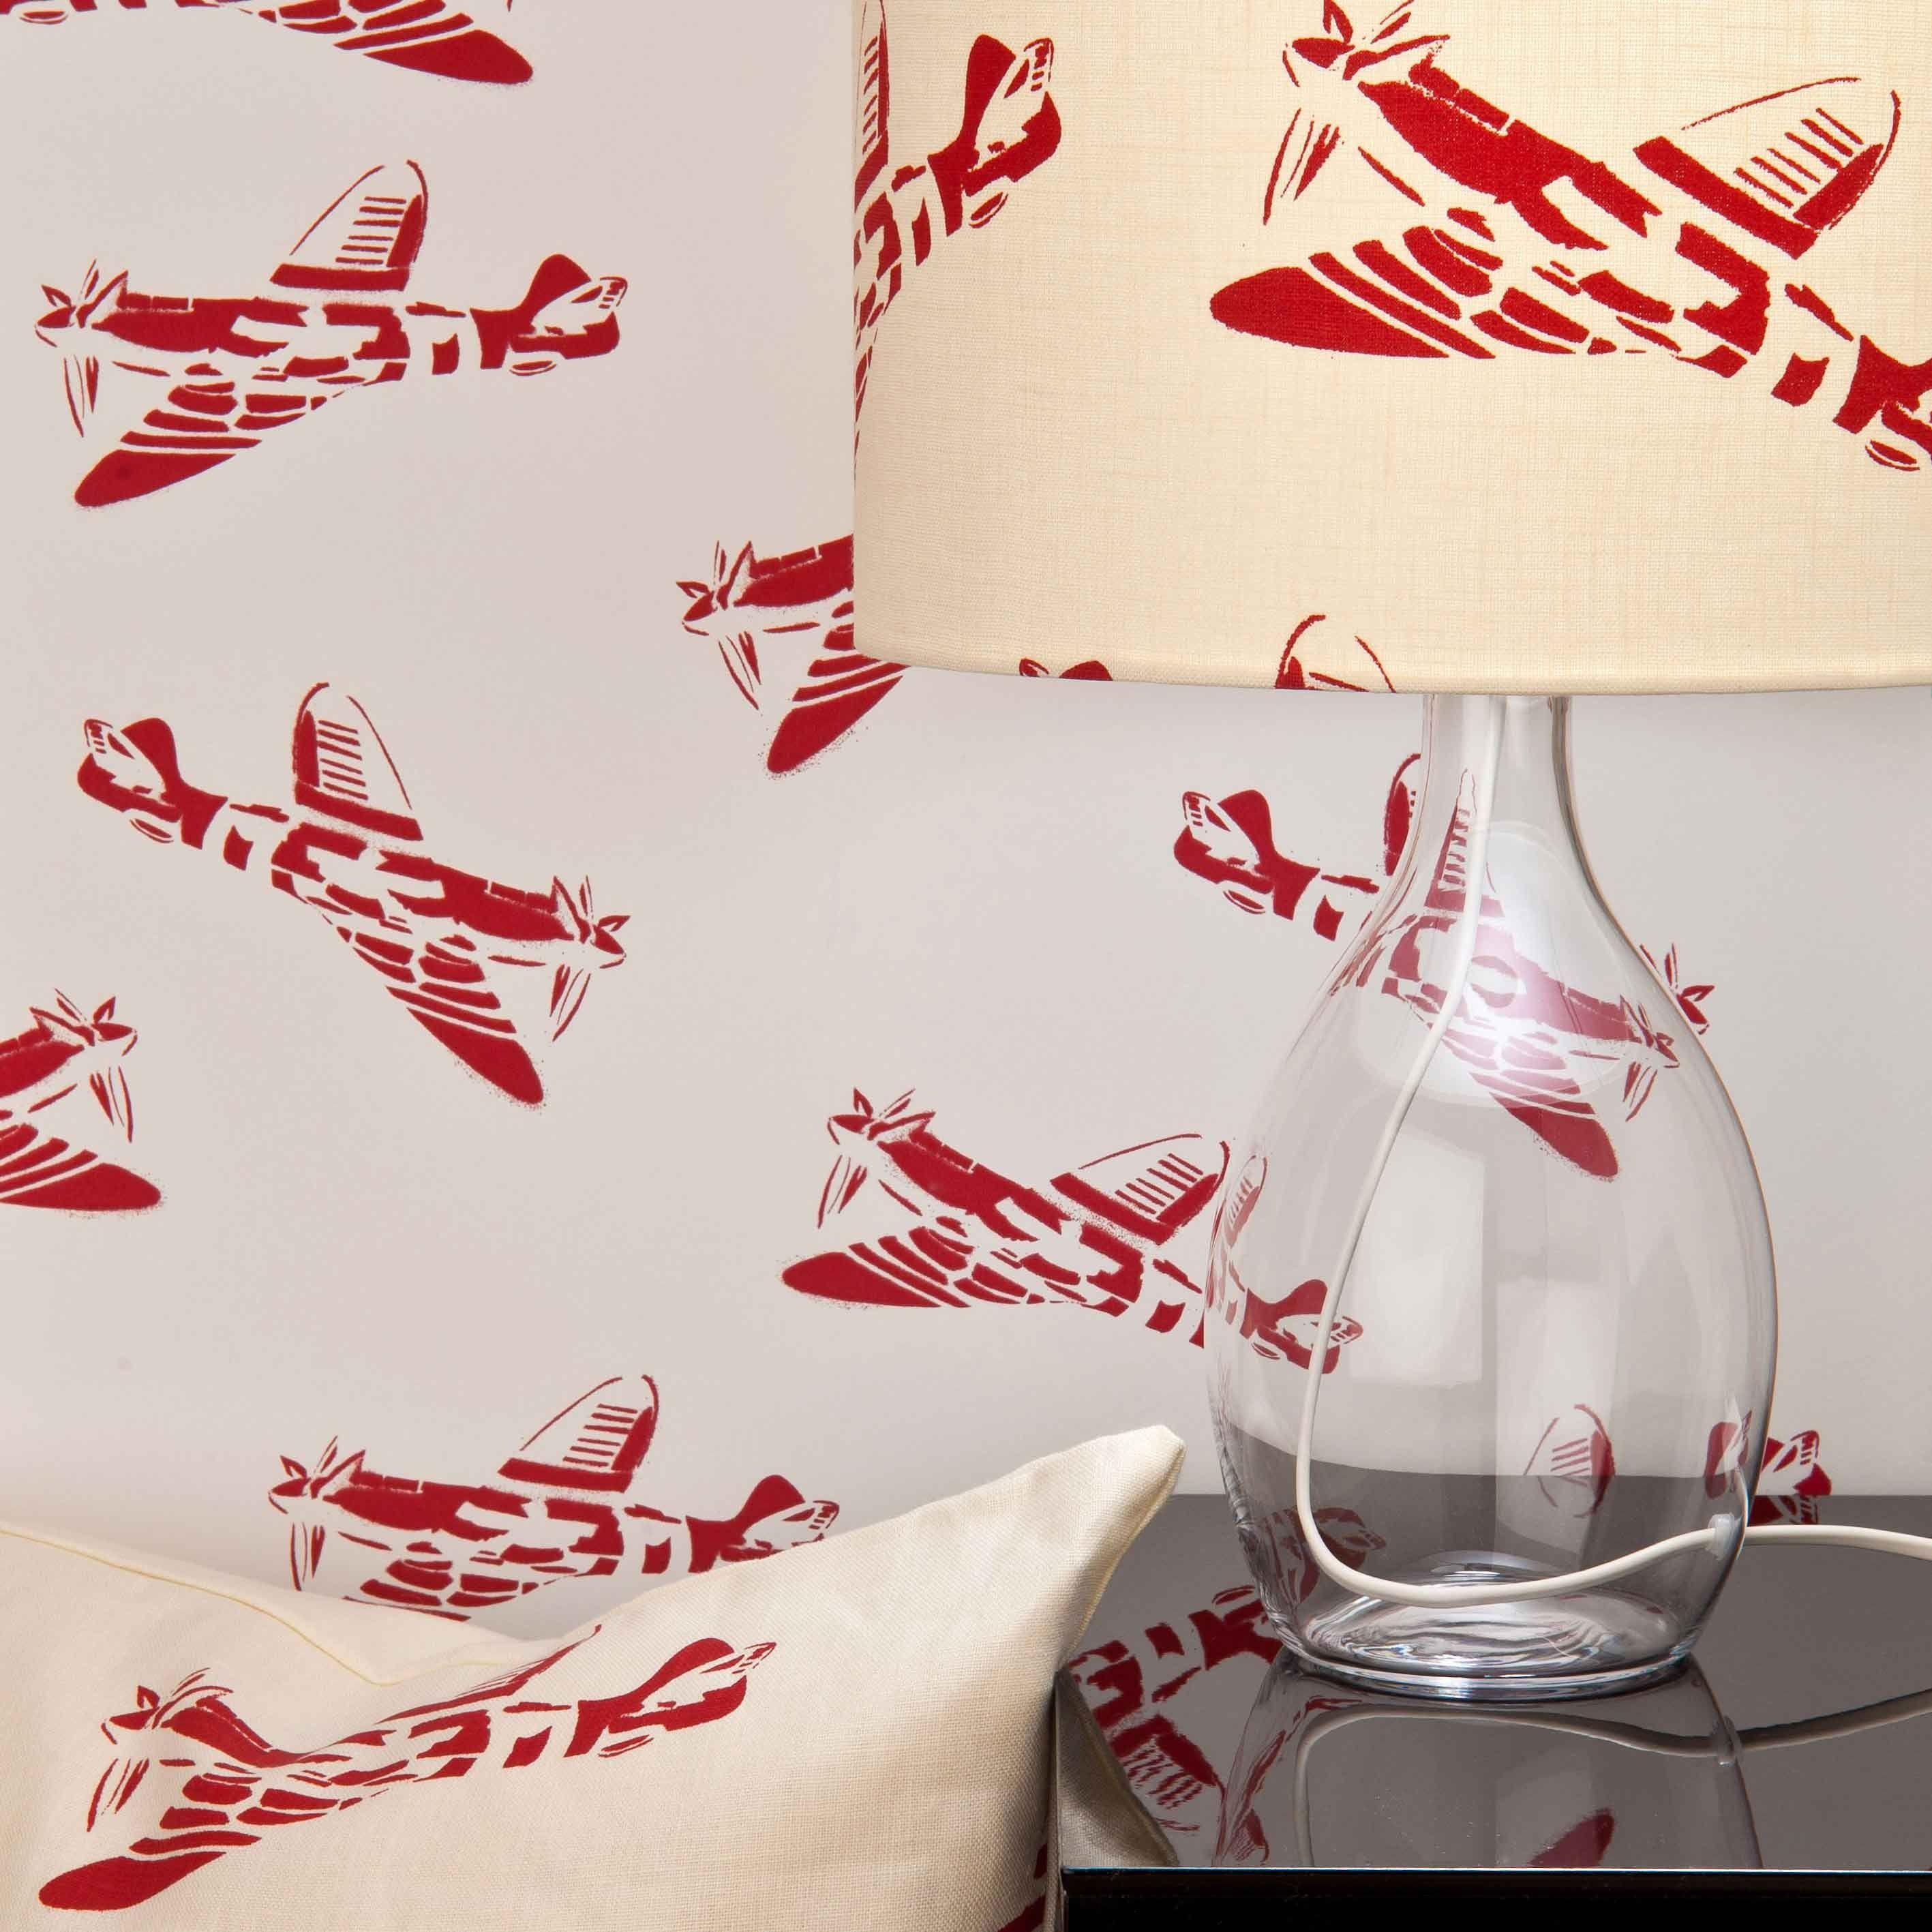 Spitfiresu childrenus wallpaper white u red lifestyle childrenus